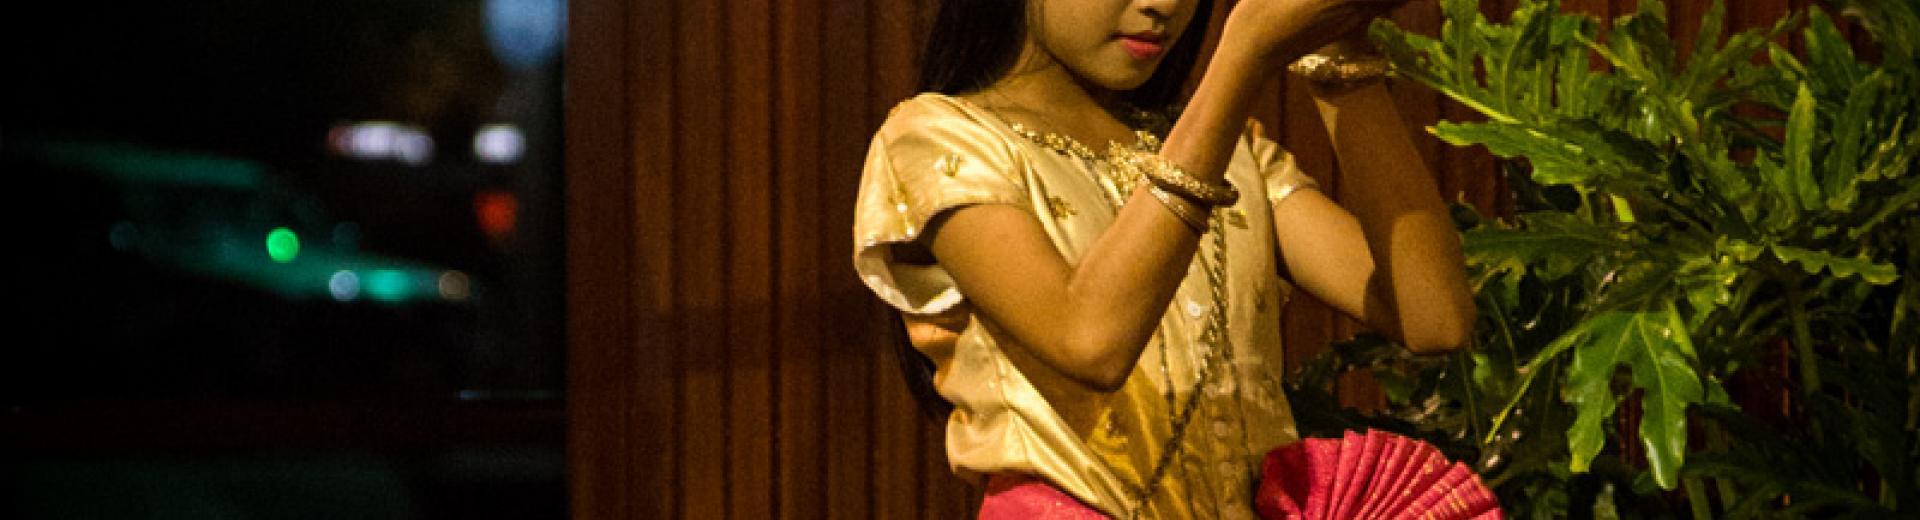 Cambodian Light Children Association